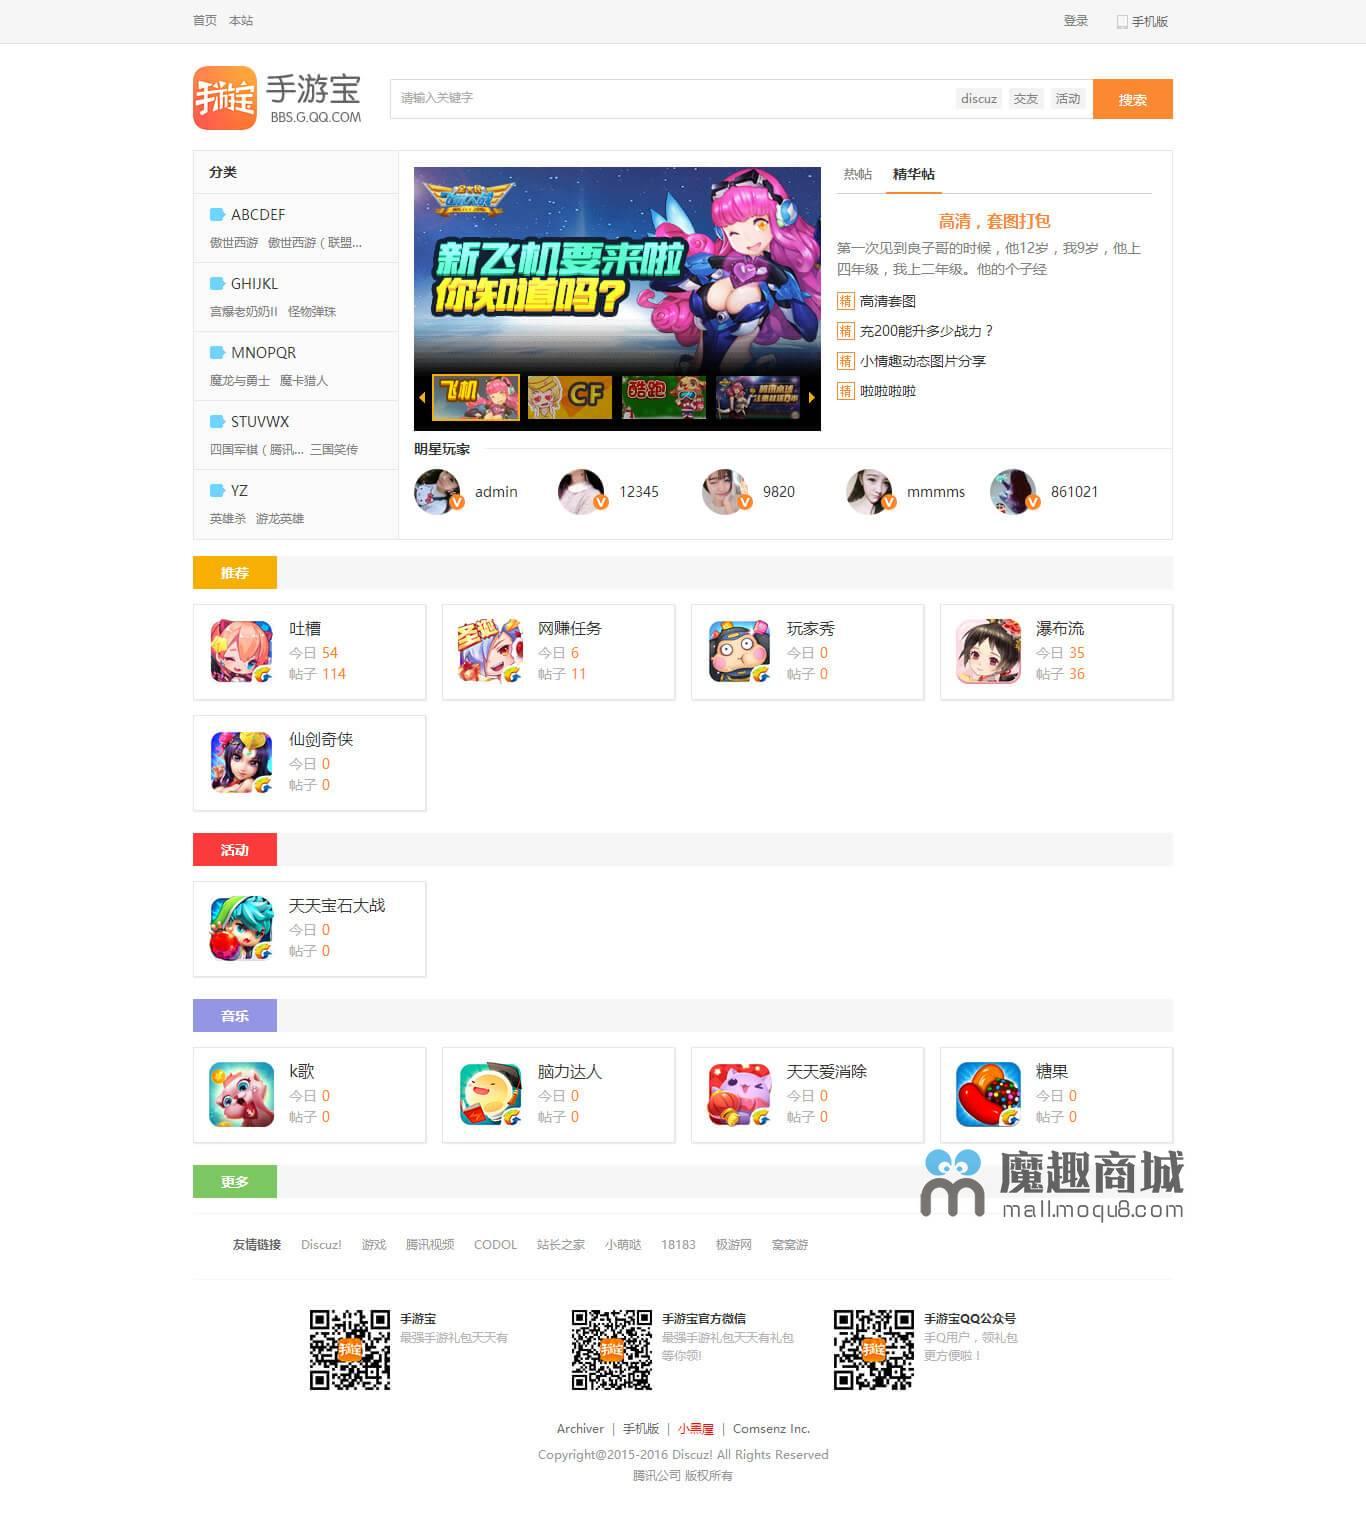 <font color='#CC5233'>魔趣手游宝游戏社区门户带管理插件模板</font>